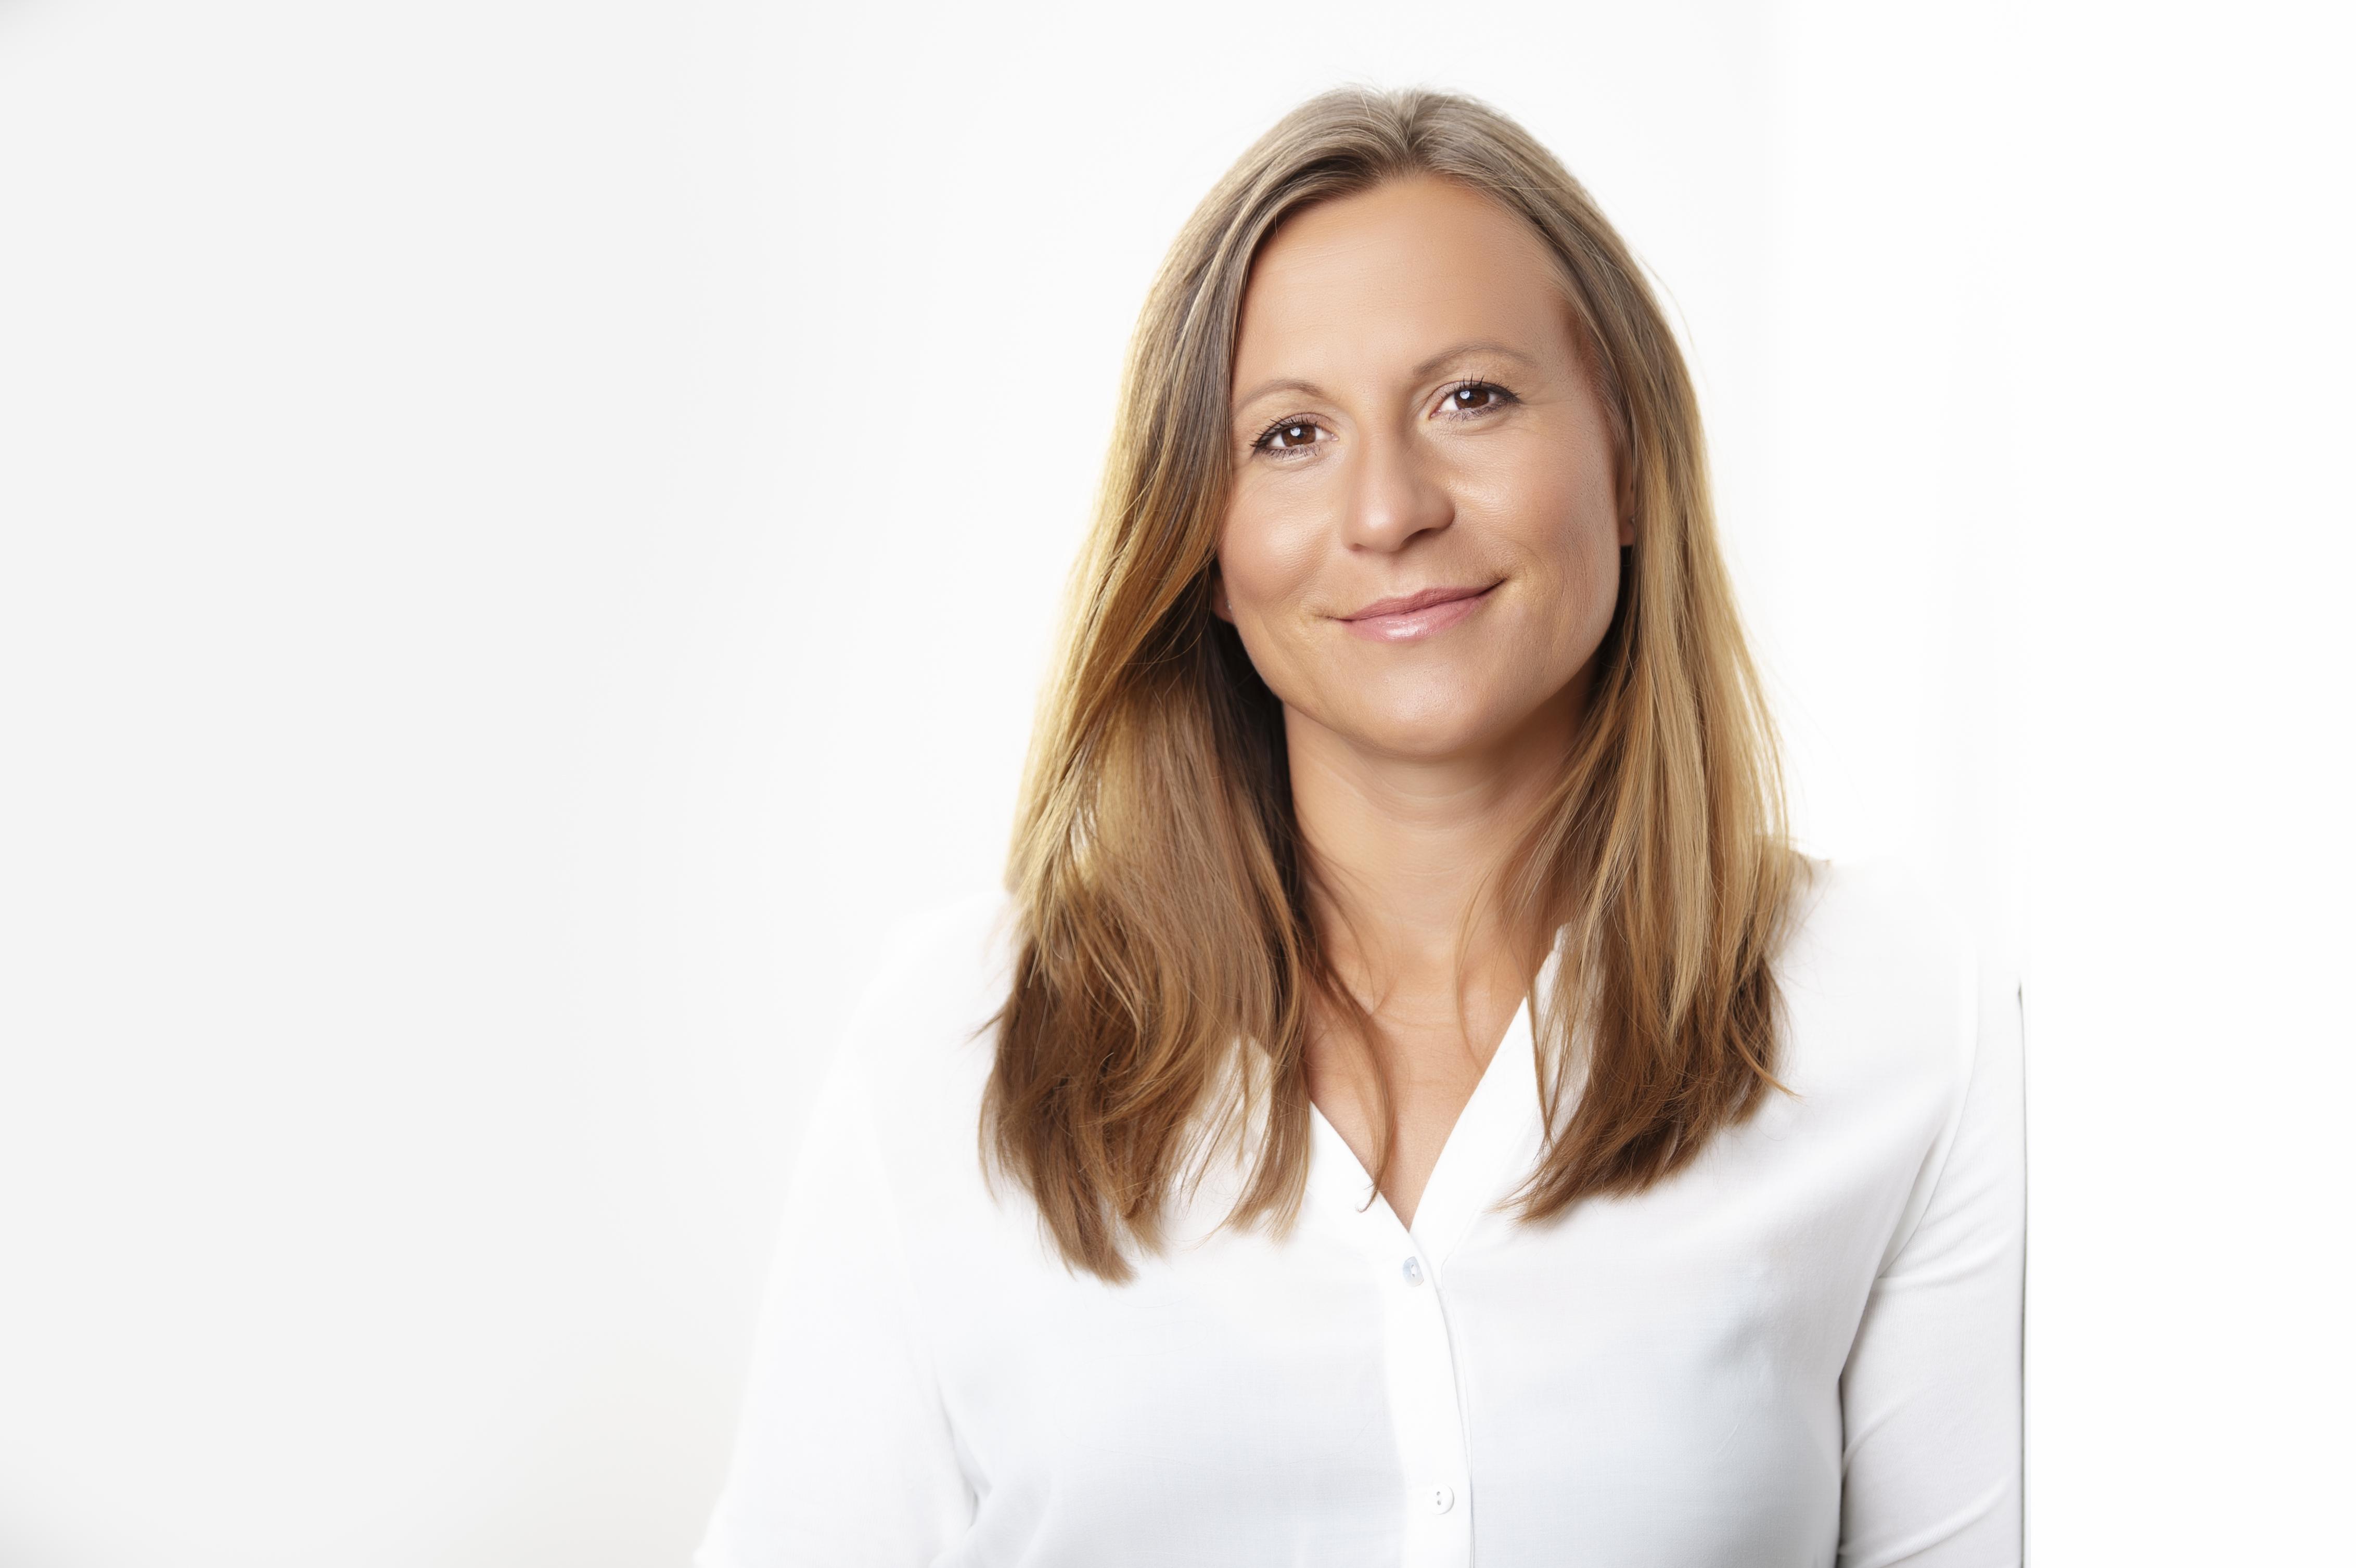 Mag.a Petra Eder-Kühr